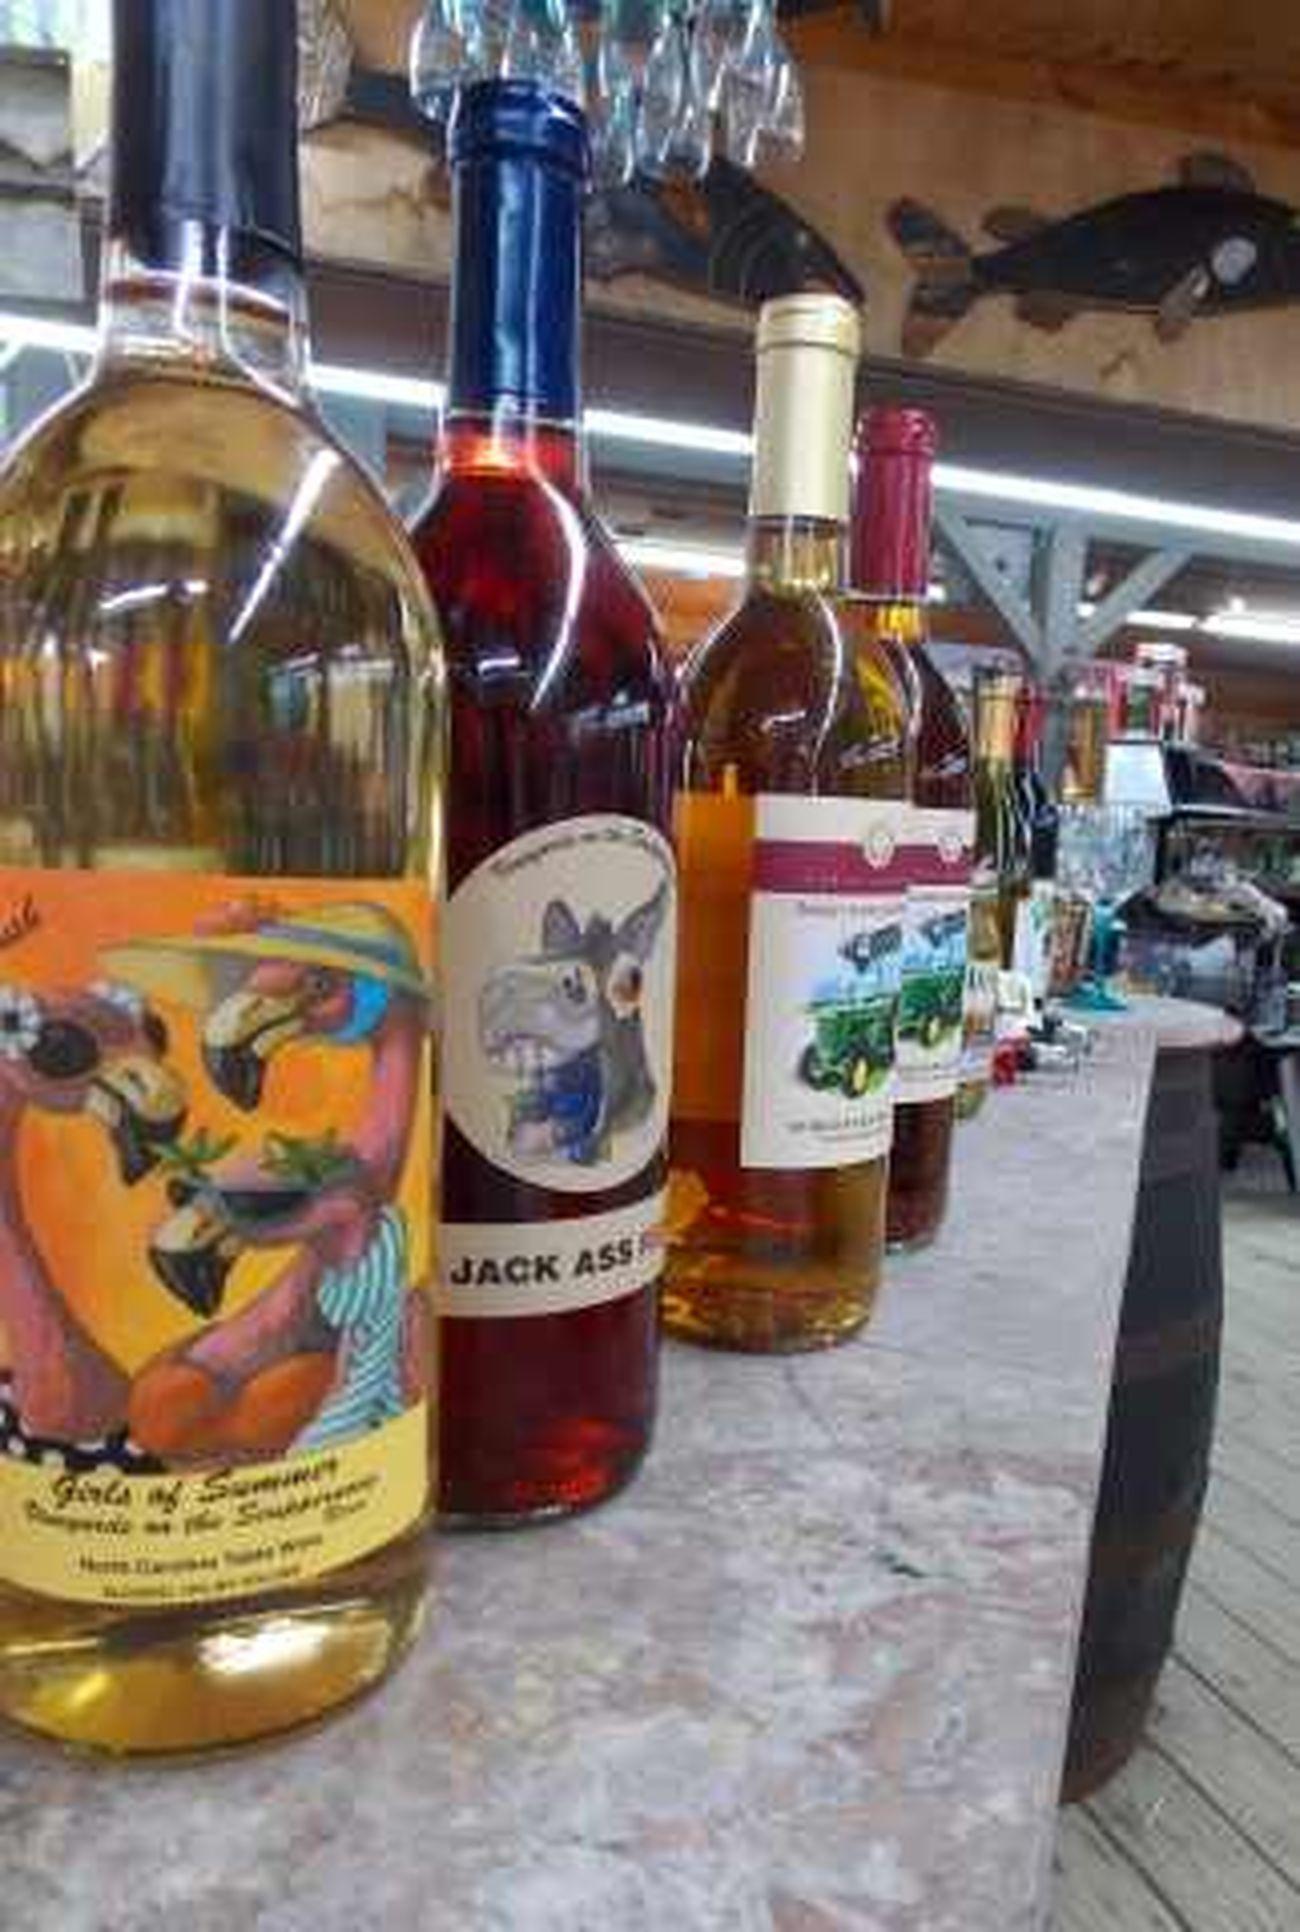 Wine? Oh! Nikon L810 Farm Markets Don't Be Square